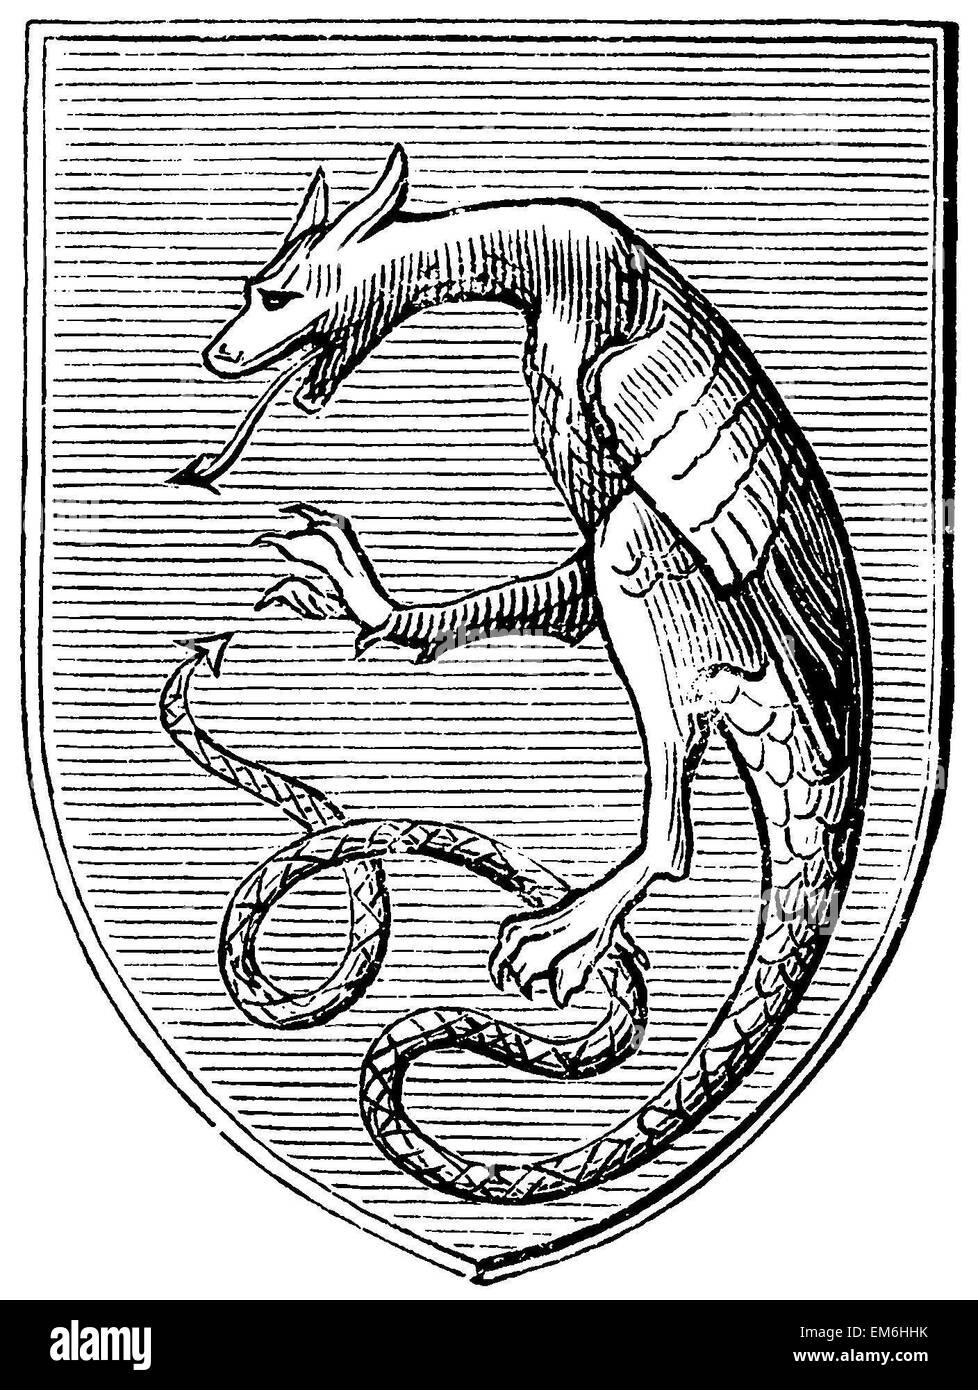 Drago araldico dal Medioevo Immagini Stock